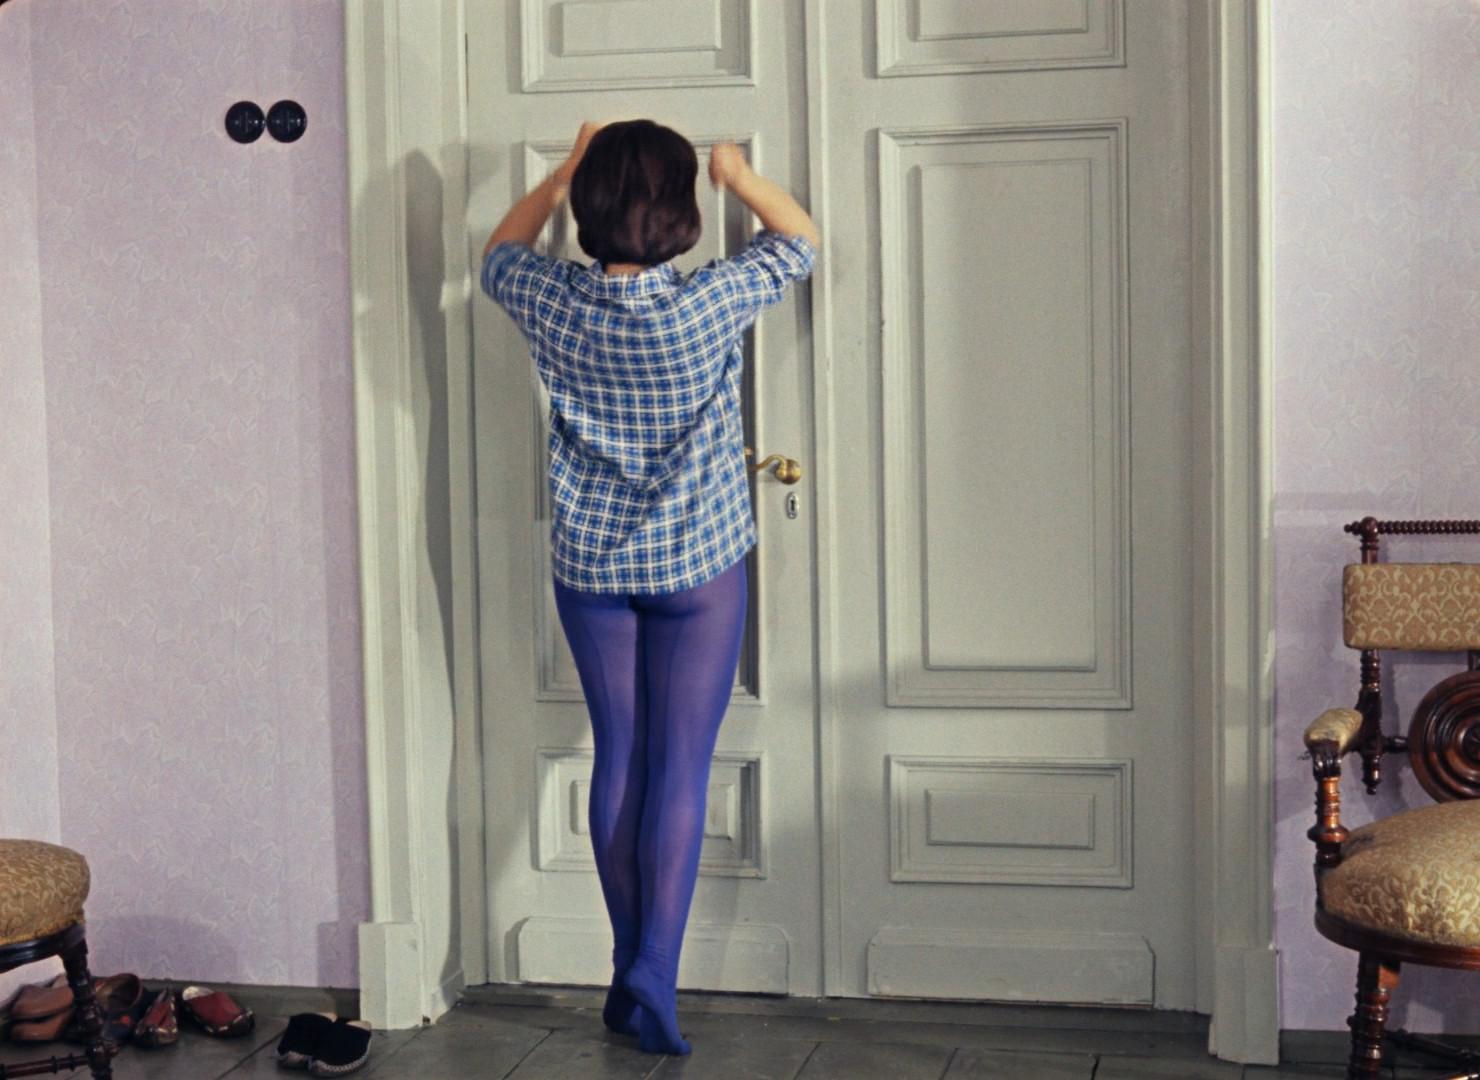 Ссср московские женщины в колготках 18 фотография